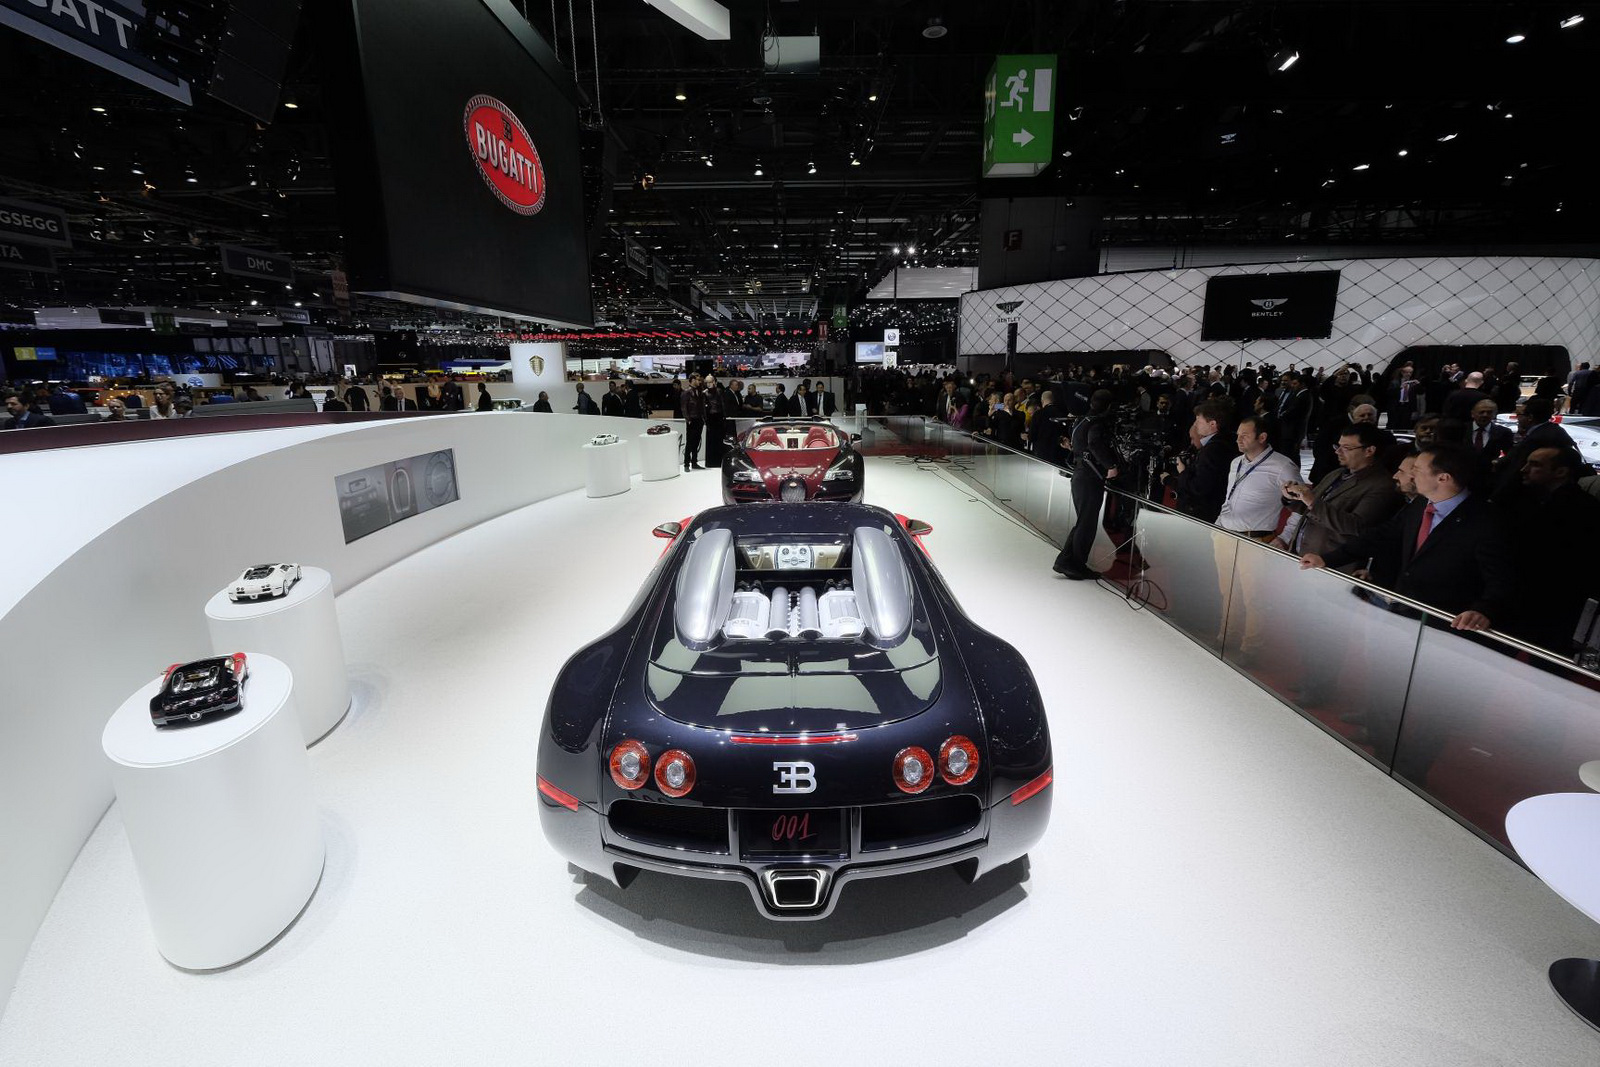 Bugatti-Veyron-Chassis-1-8